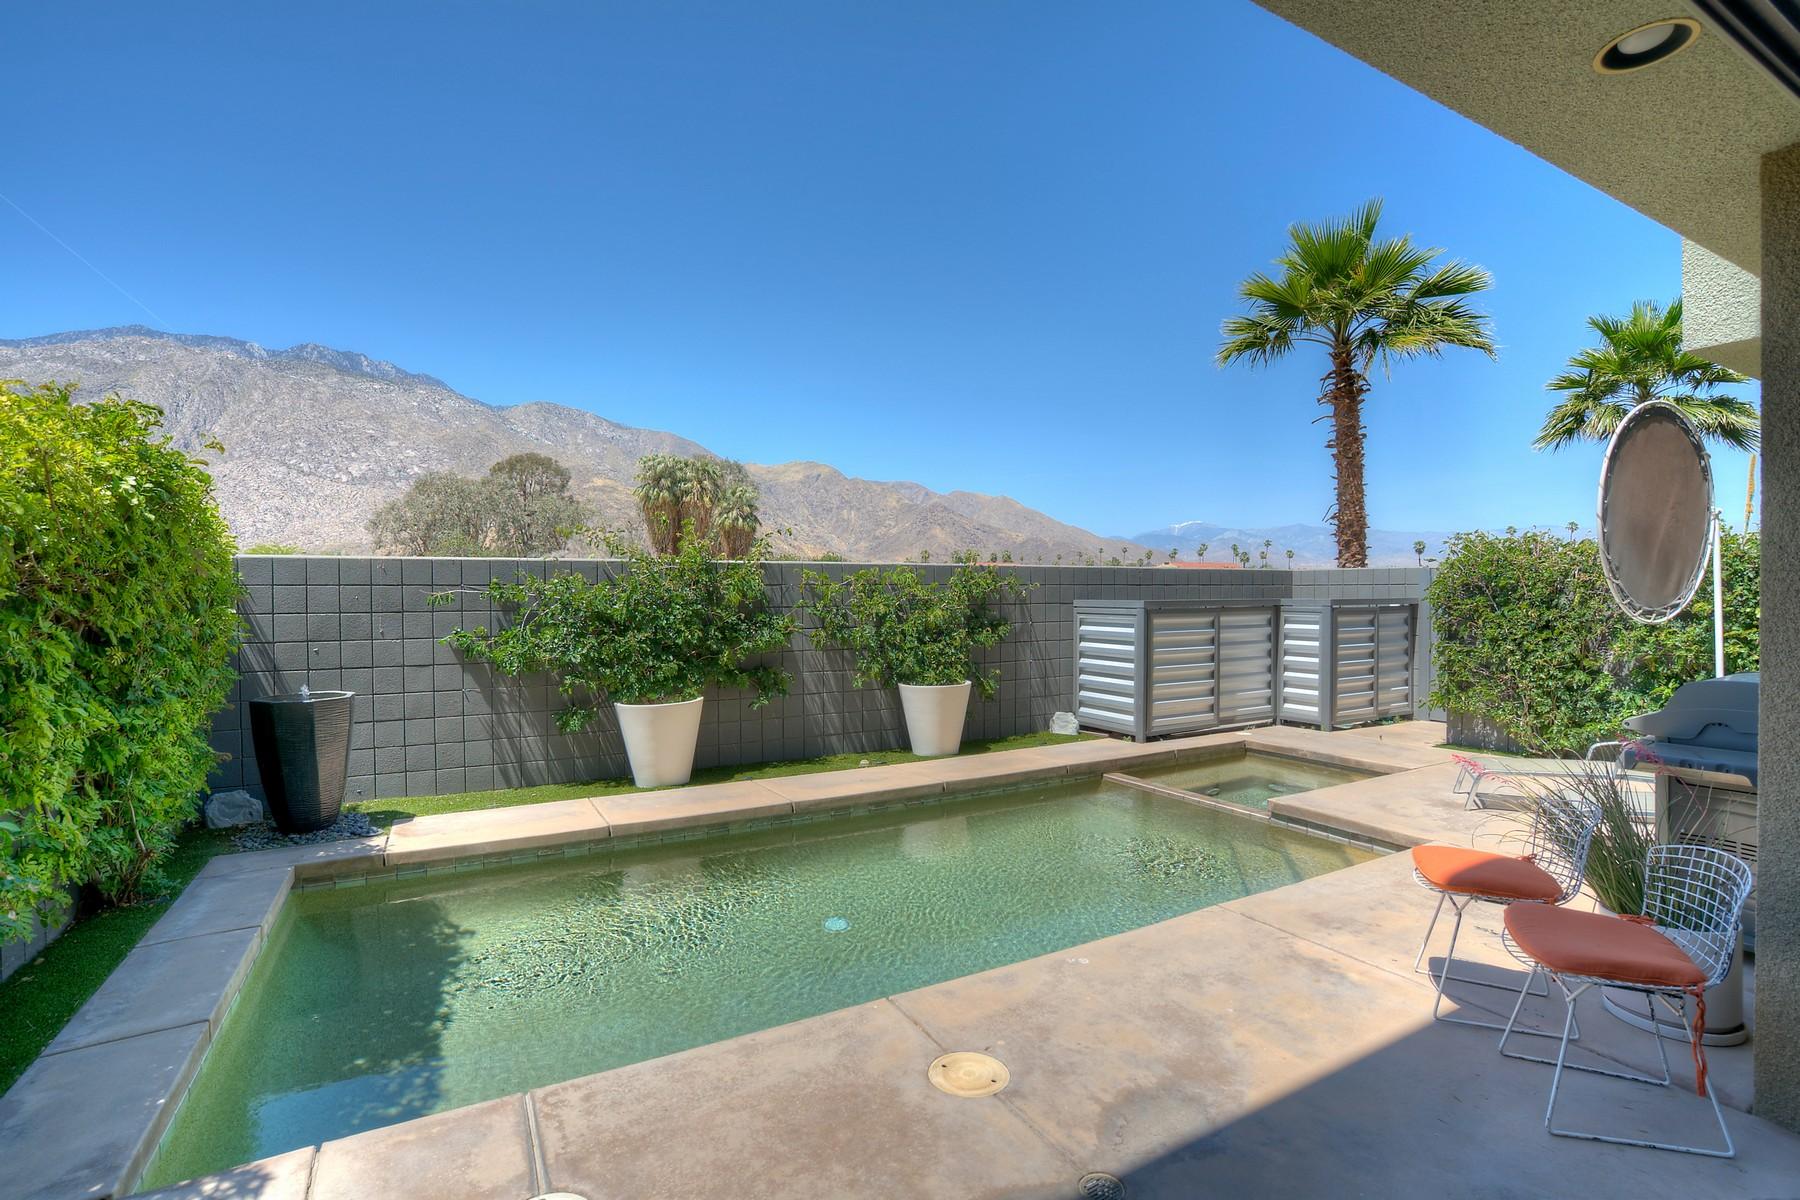 共管式独立产权公寓 为 销售 在 1458 E Baristo Road 1458 East Baristo Road 棕榈泉, 加利福尼亚州, 92262 美国